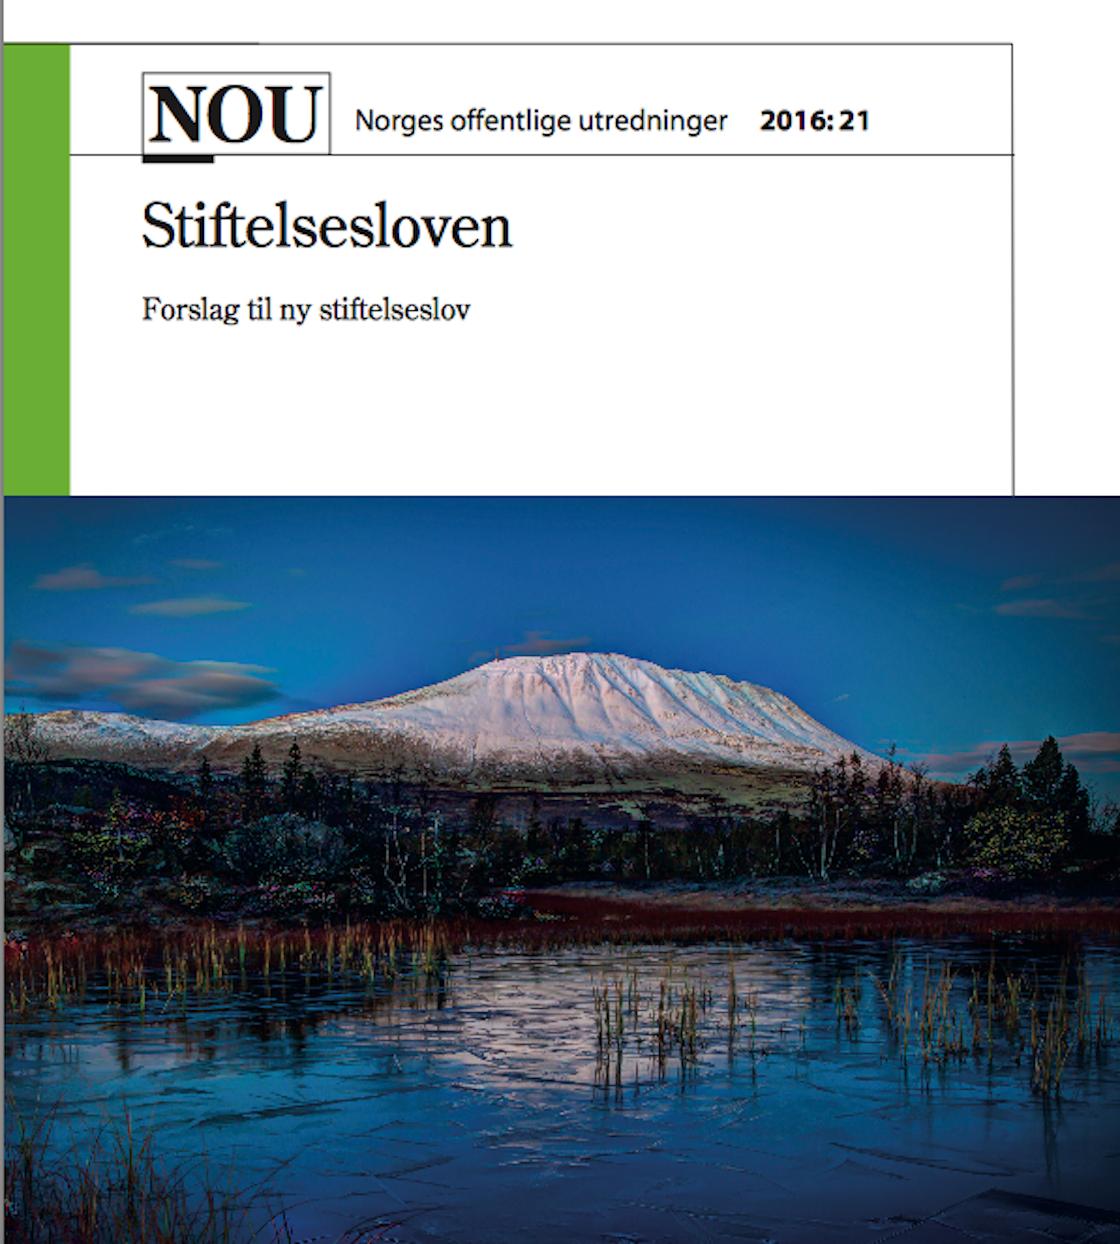 NOU 2016: 21 Stiftelsesloven — Forslag til ny stiftelseslov